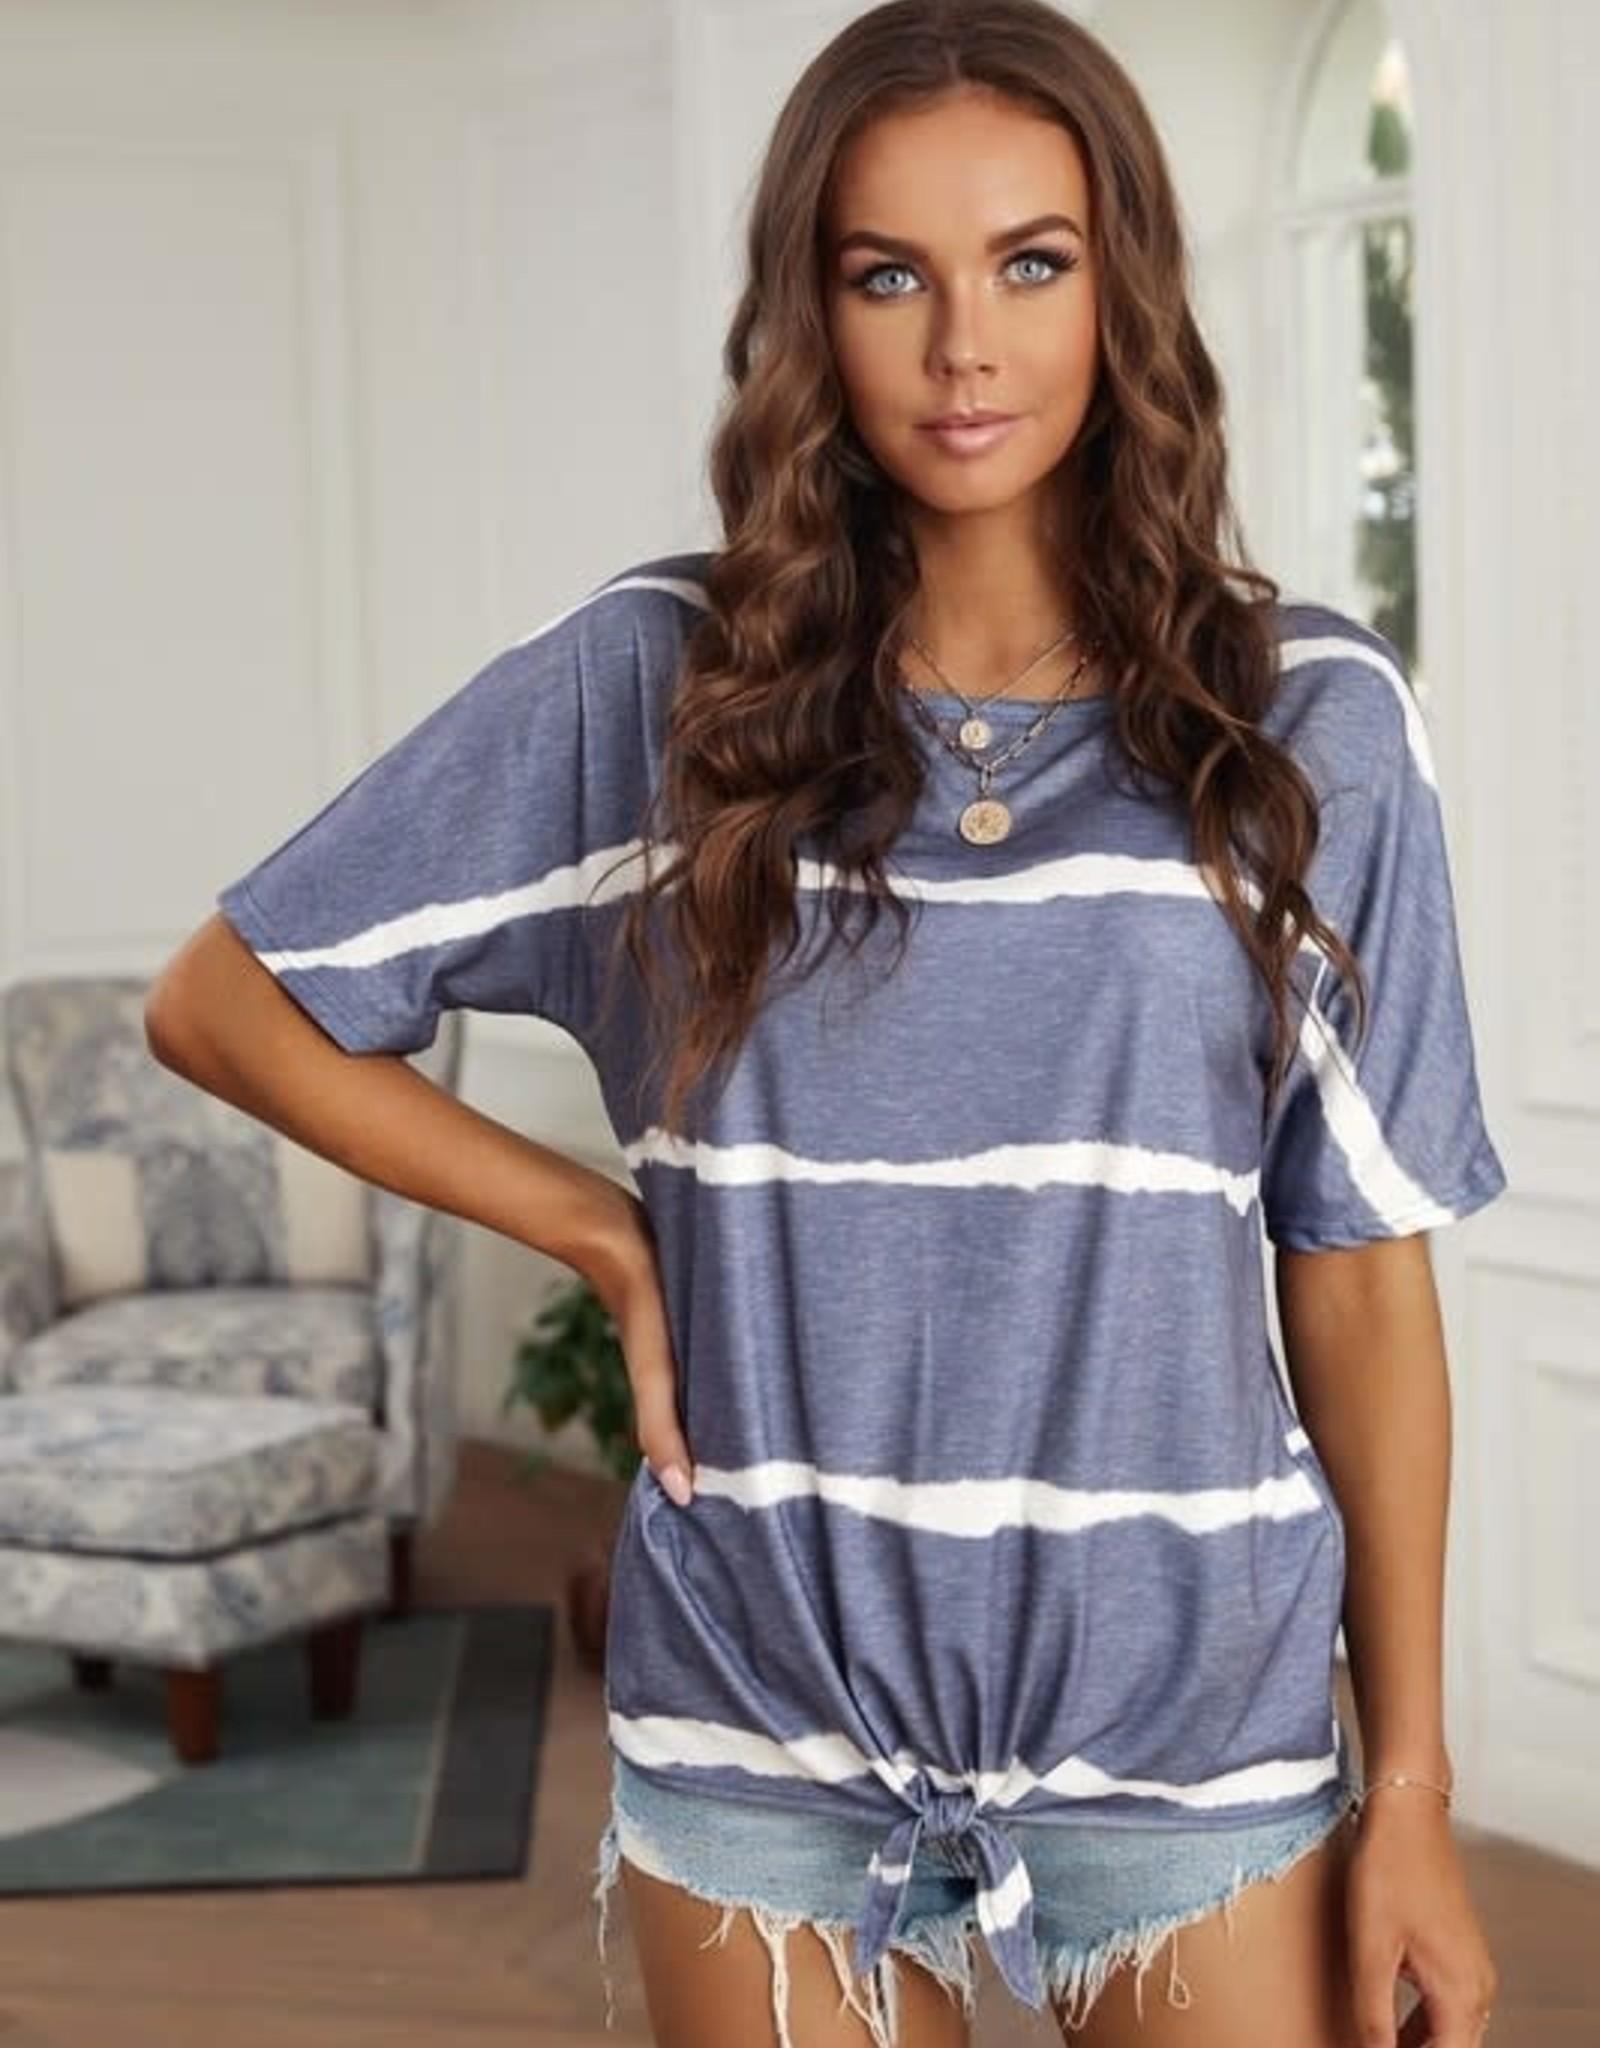 - Blue Tie-Dye Short Sleeve Top w/Tie Front